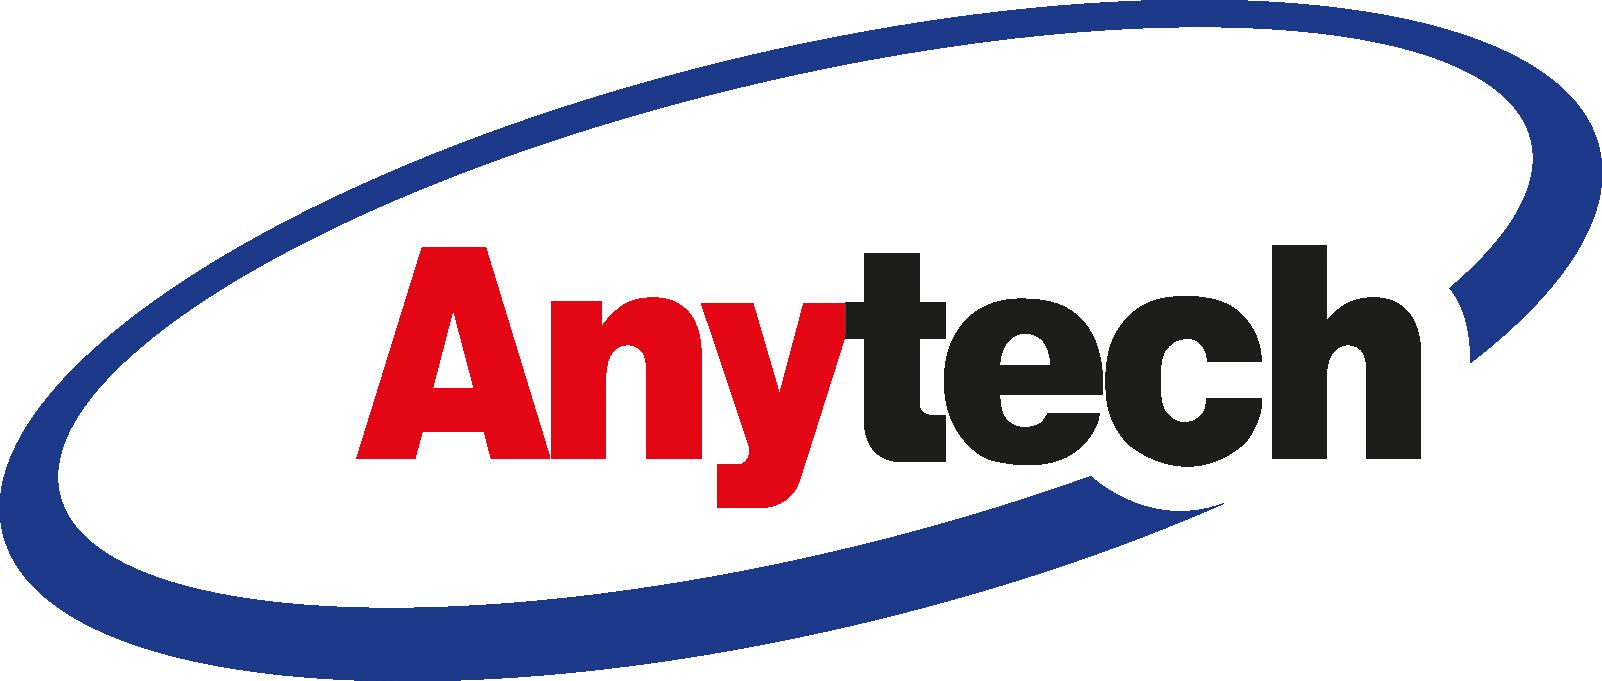 (주)애니텍의 기업로고